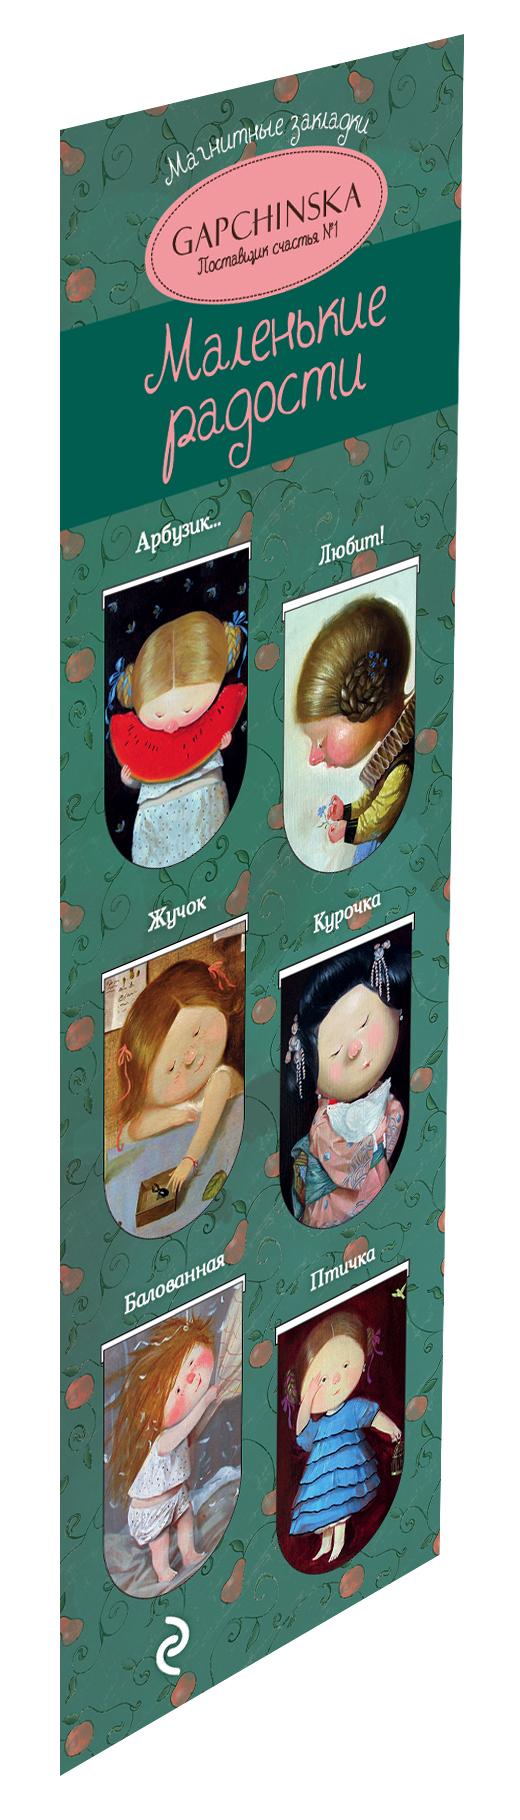 Магнитные закладки. Маленькие радости. Евгения Гапчинская (6 закладок полукругл.) (Арте) евгения гапчинская самые самые 6 магнитных закладок